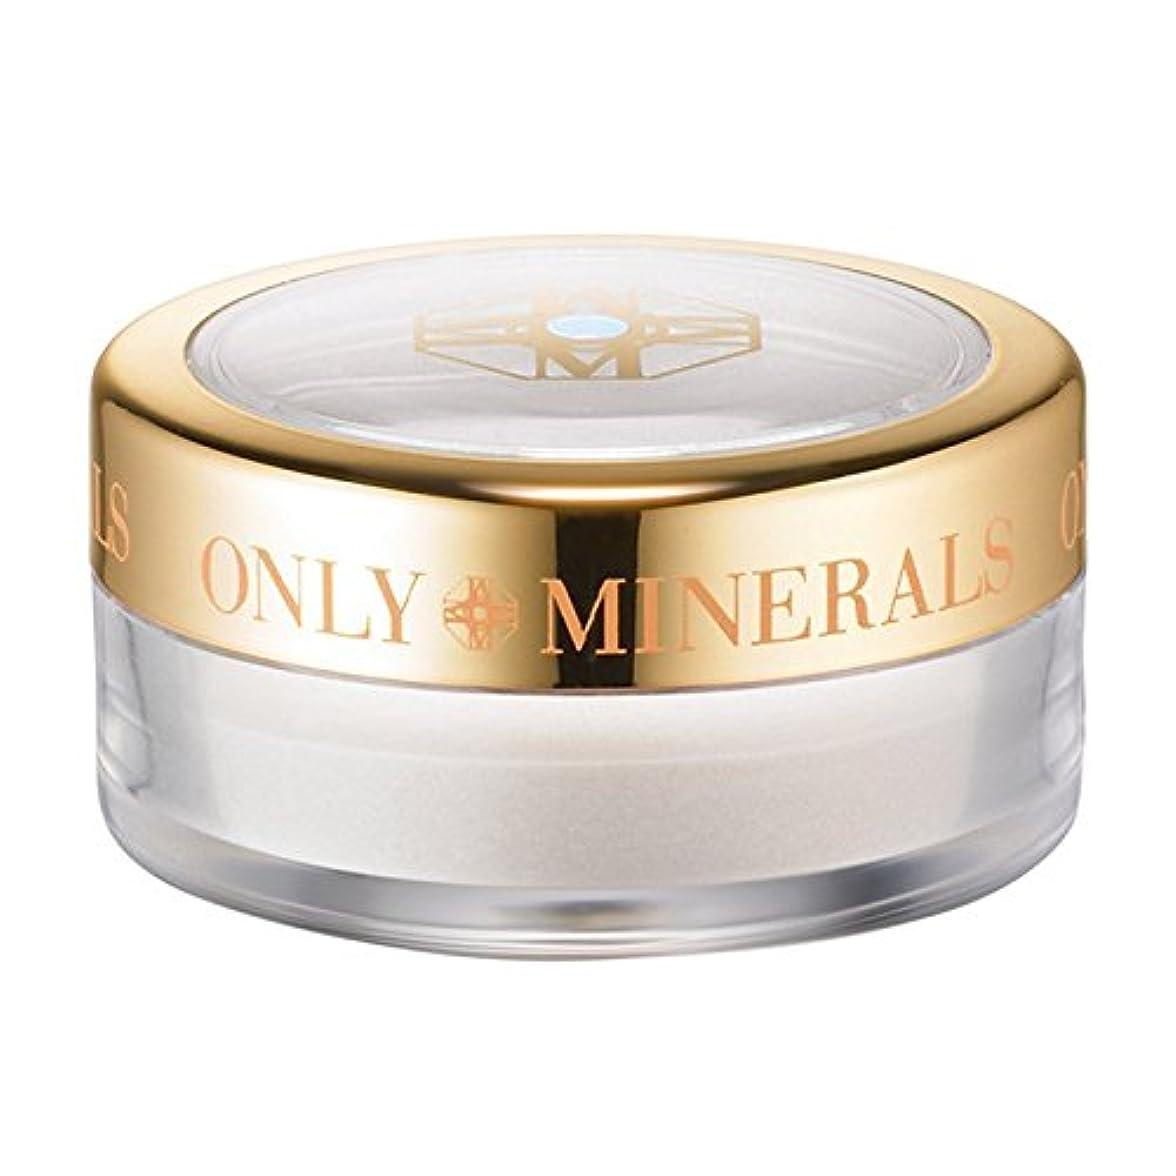 オンリーミネラル アイシャドウ ダイヤモンド 0.5g